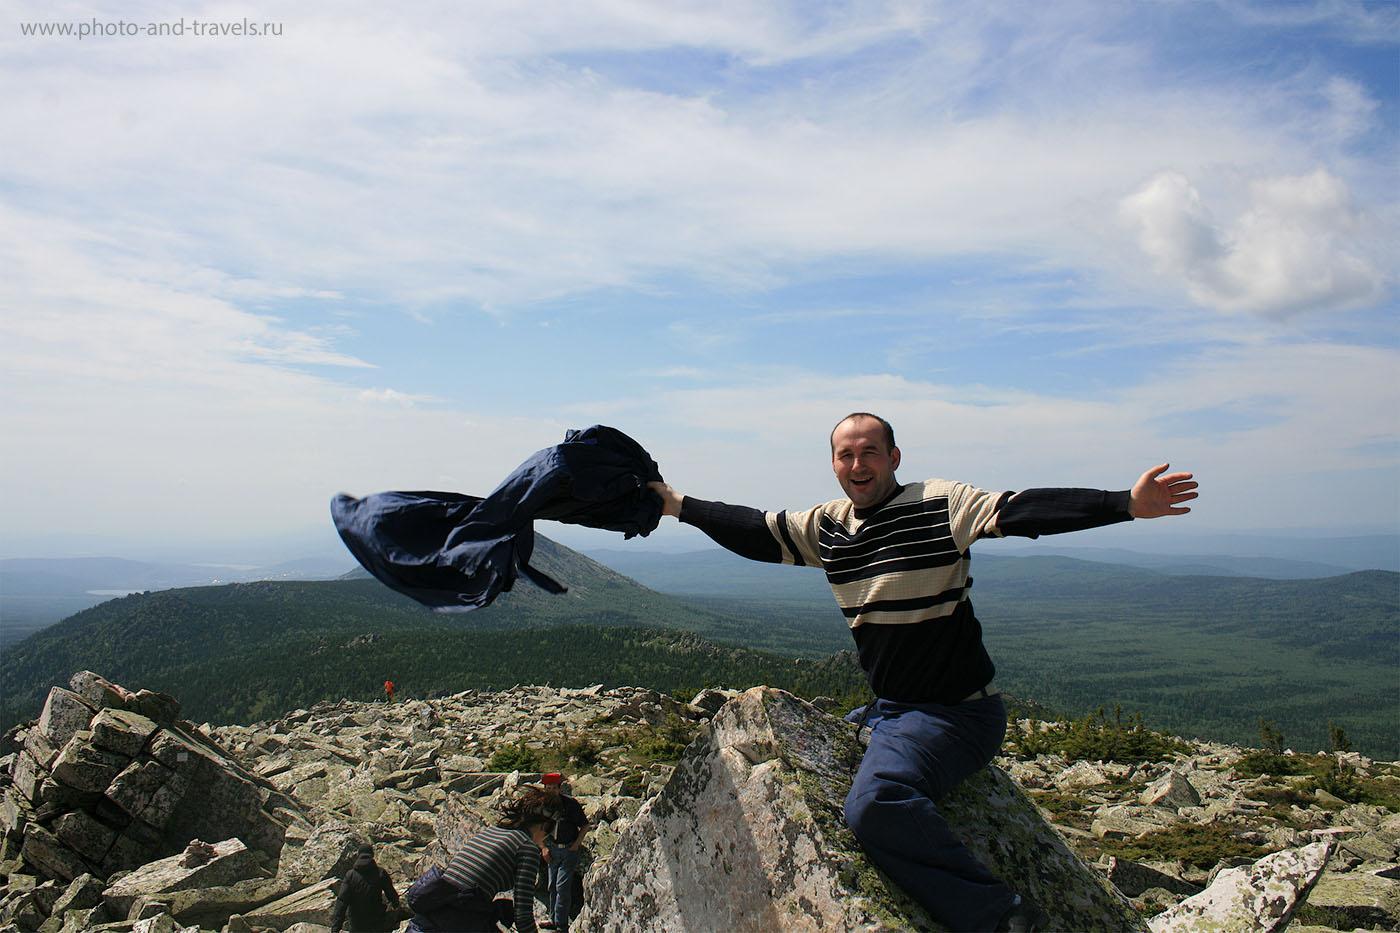 12. Счастье есть... Не Эверест и Килиманджаро, конечно, покорил. Но, все же... На вершине горы Круглица в национальном парке Таганай